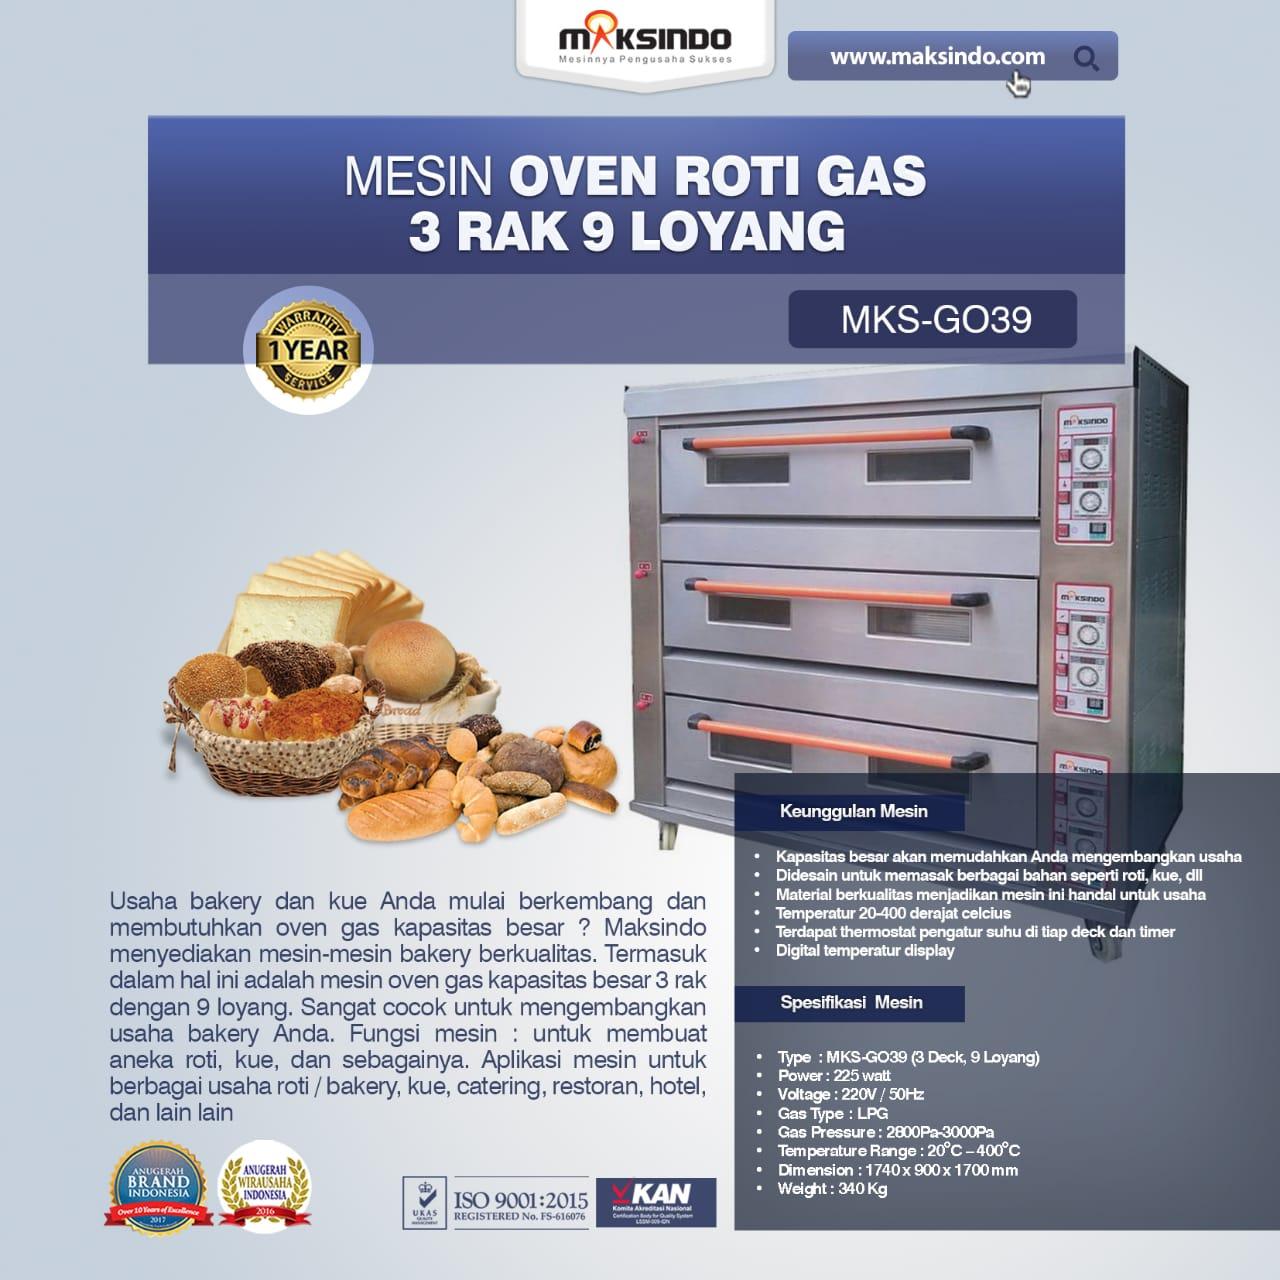 Jual Mesin Oven Roti Gas 3 Rak 9 Loyang (GO39) di Jakarta